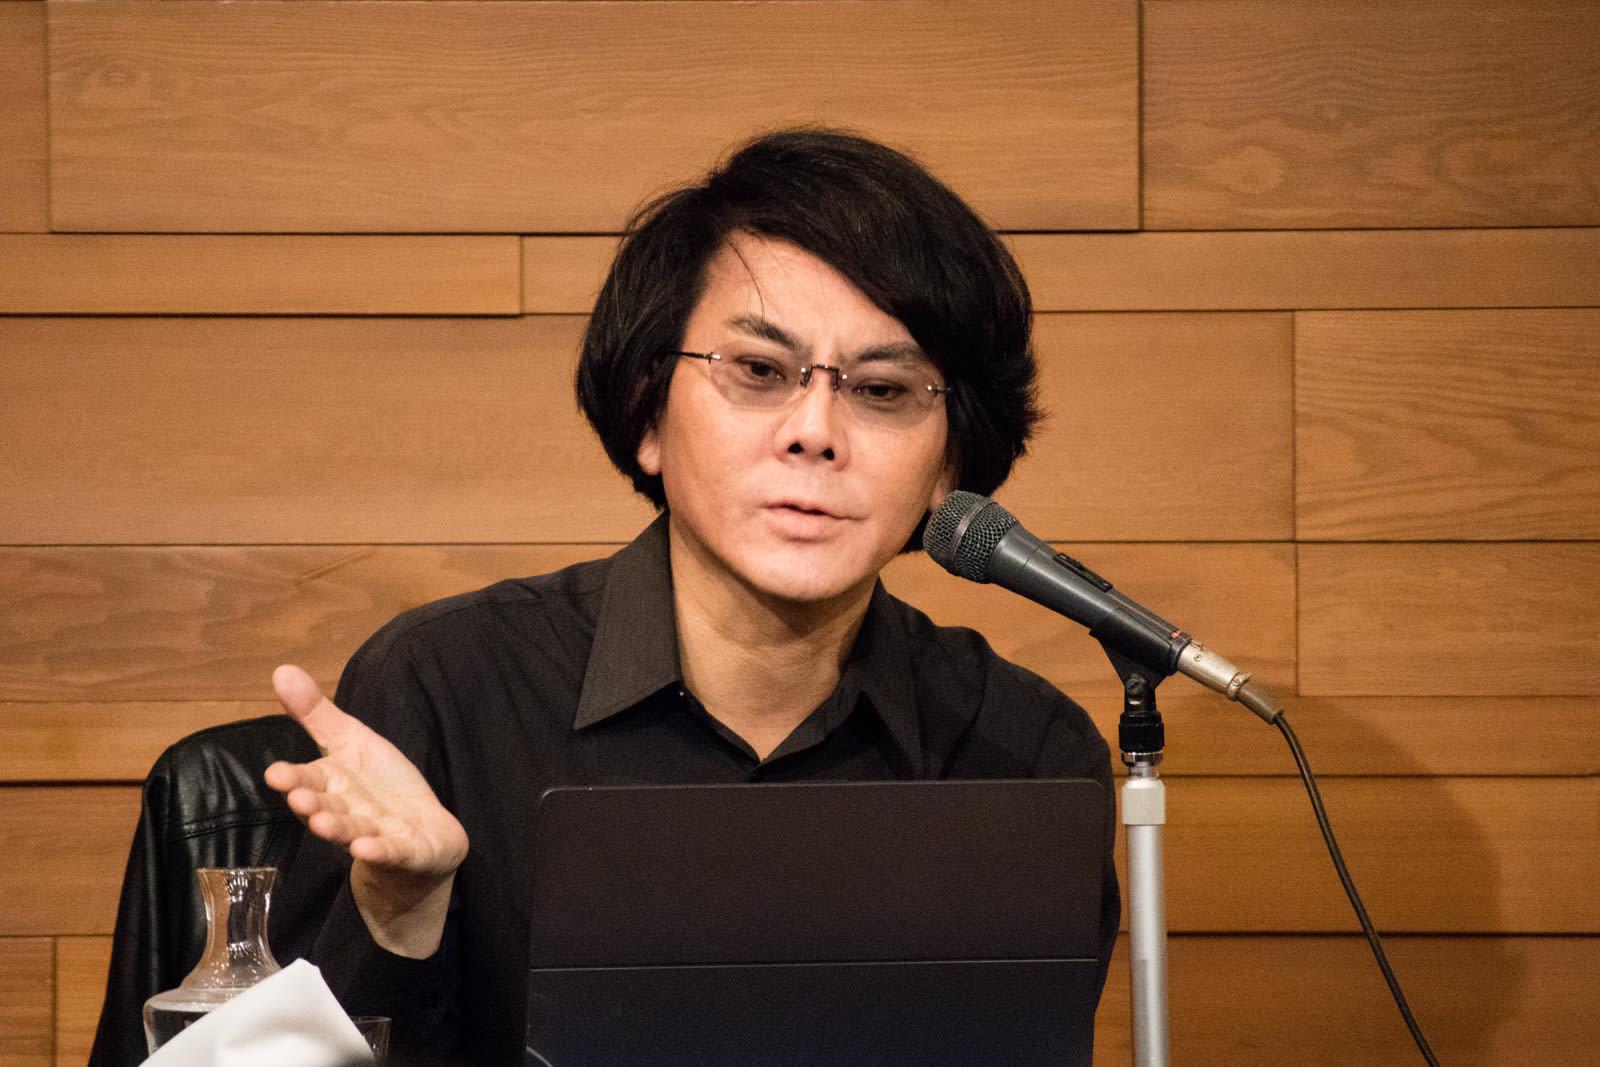 石黒浩(ロボット学者/大阪大学教授)